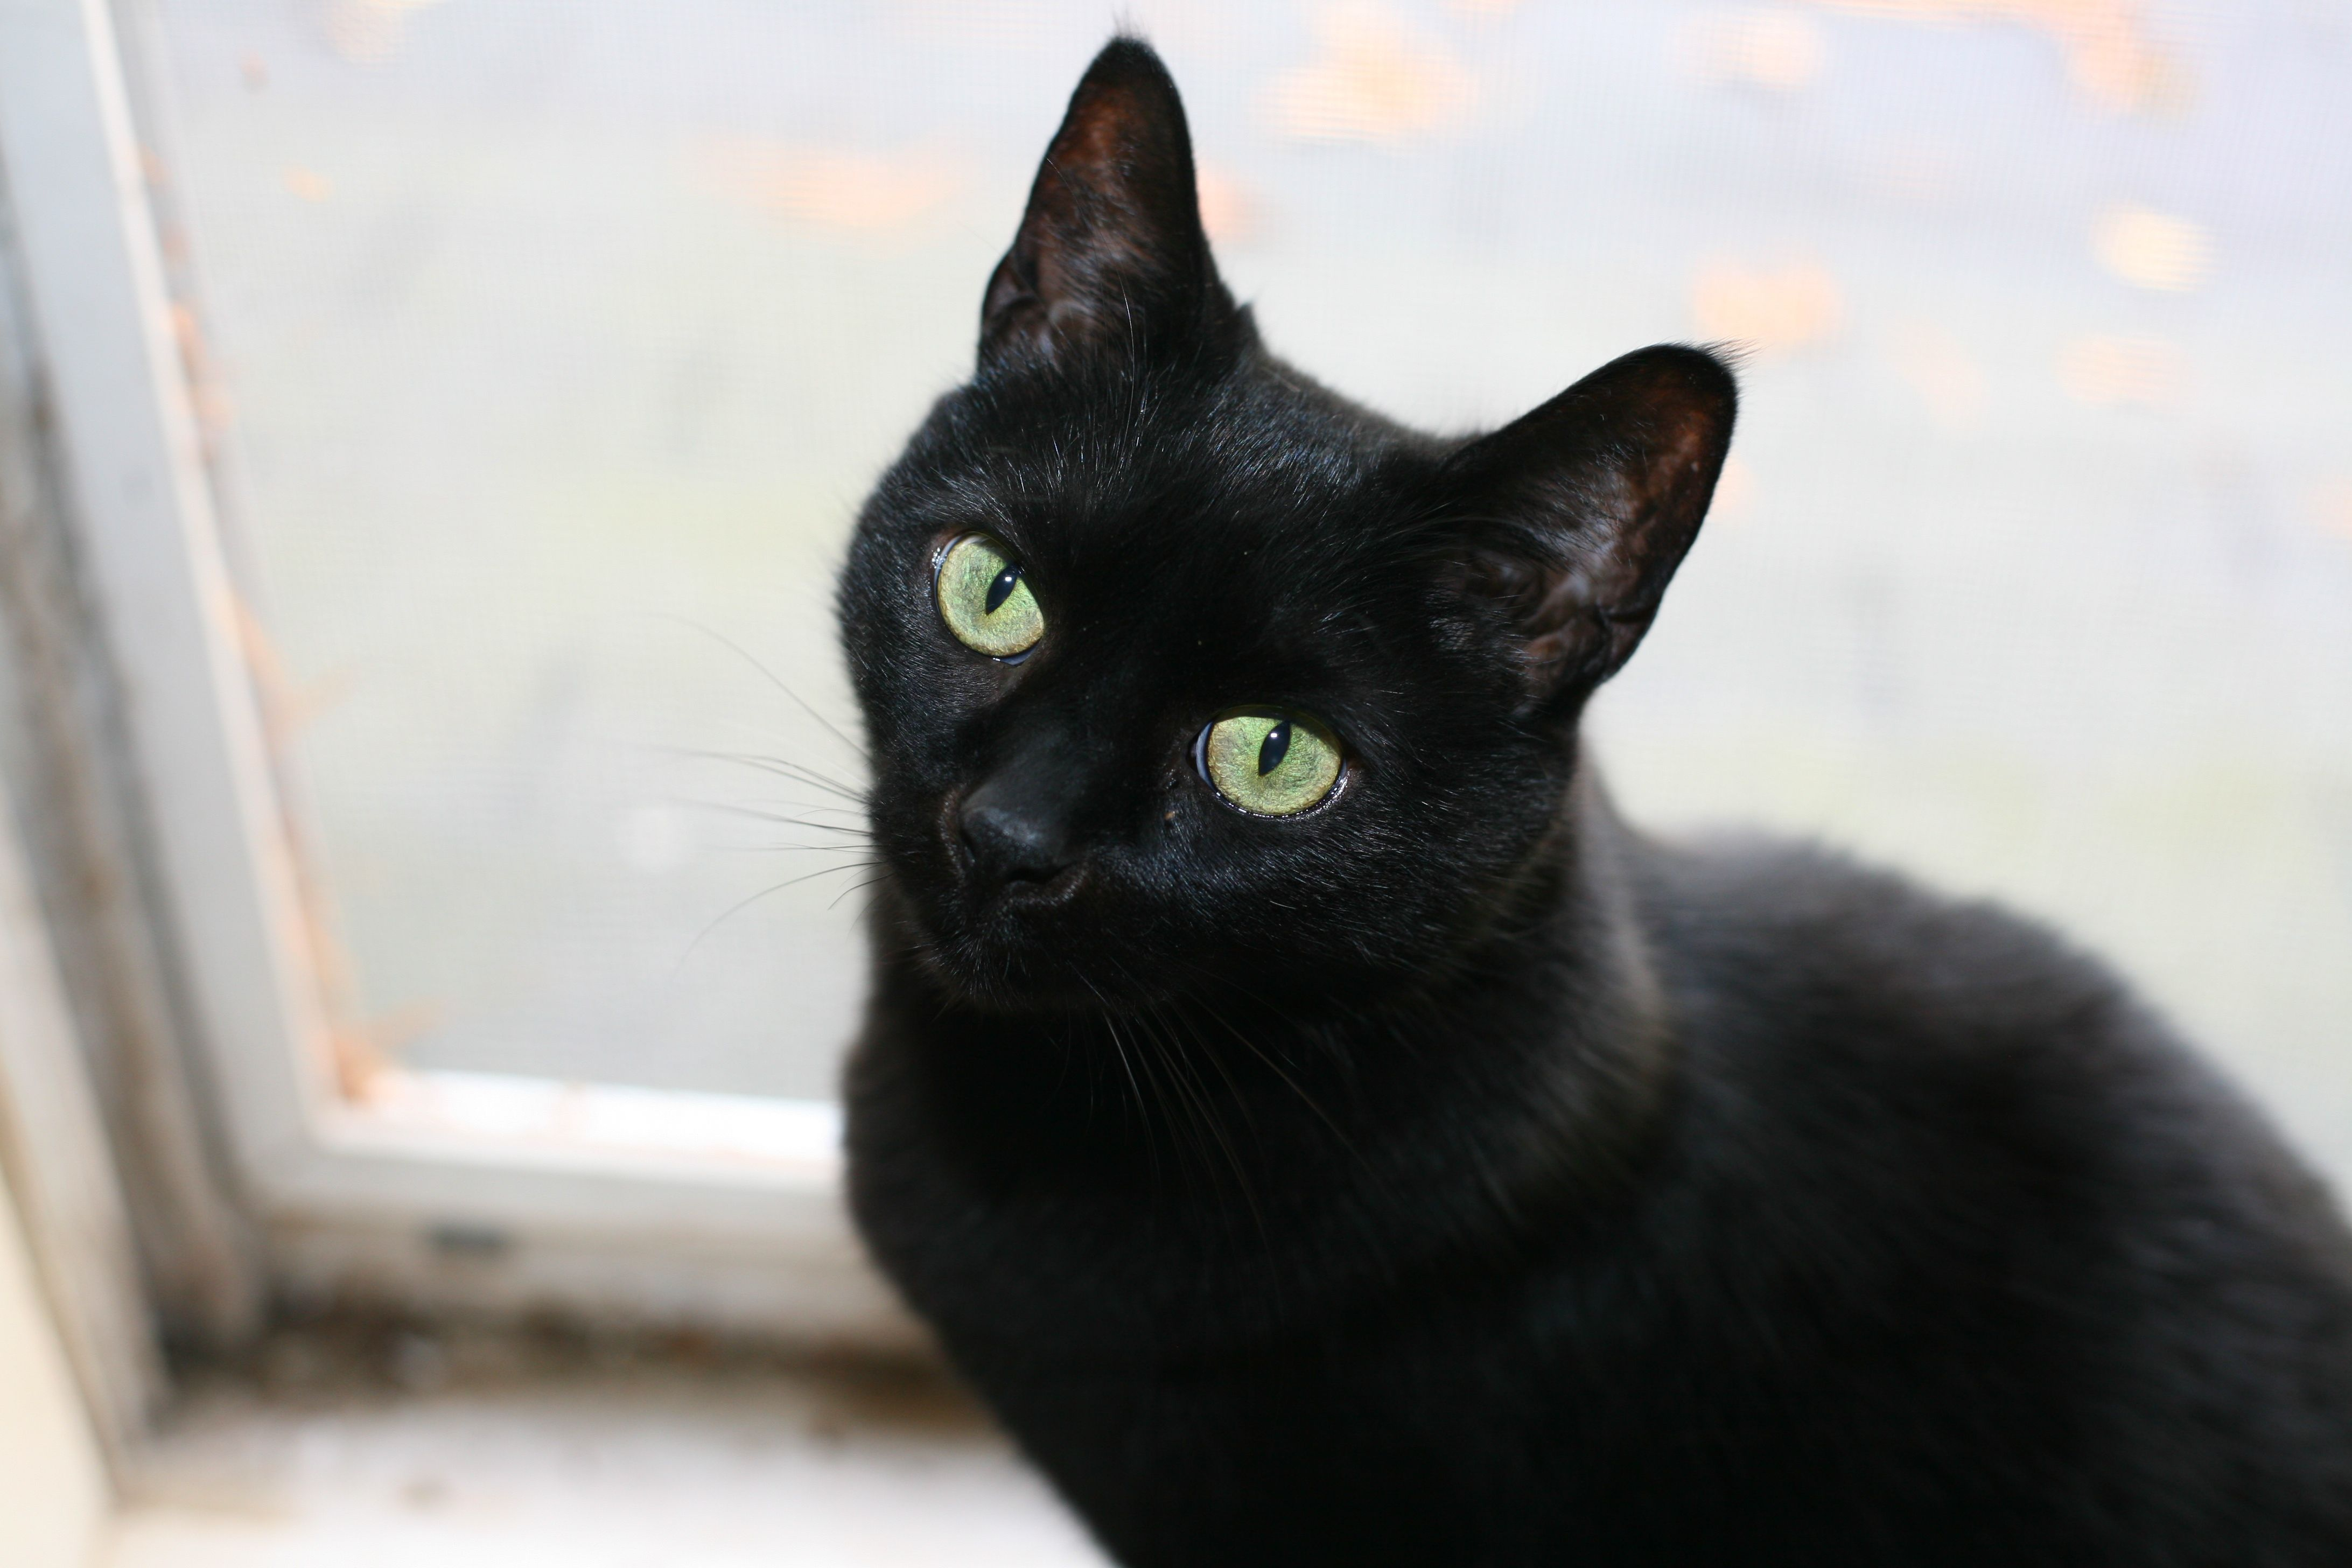 Motives for Murder in Edgar Allan Poe s The Black Cat